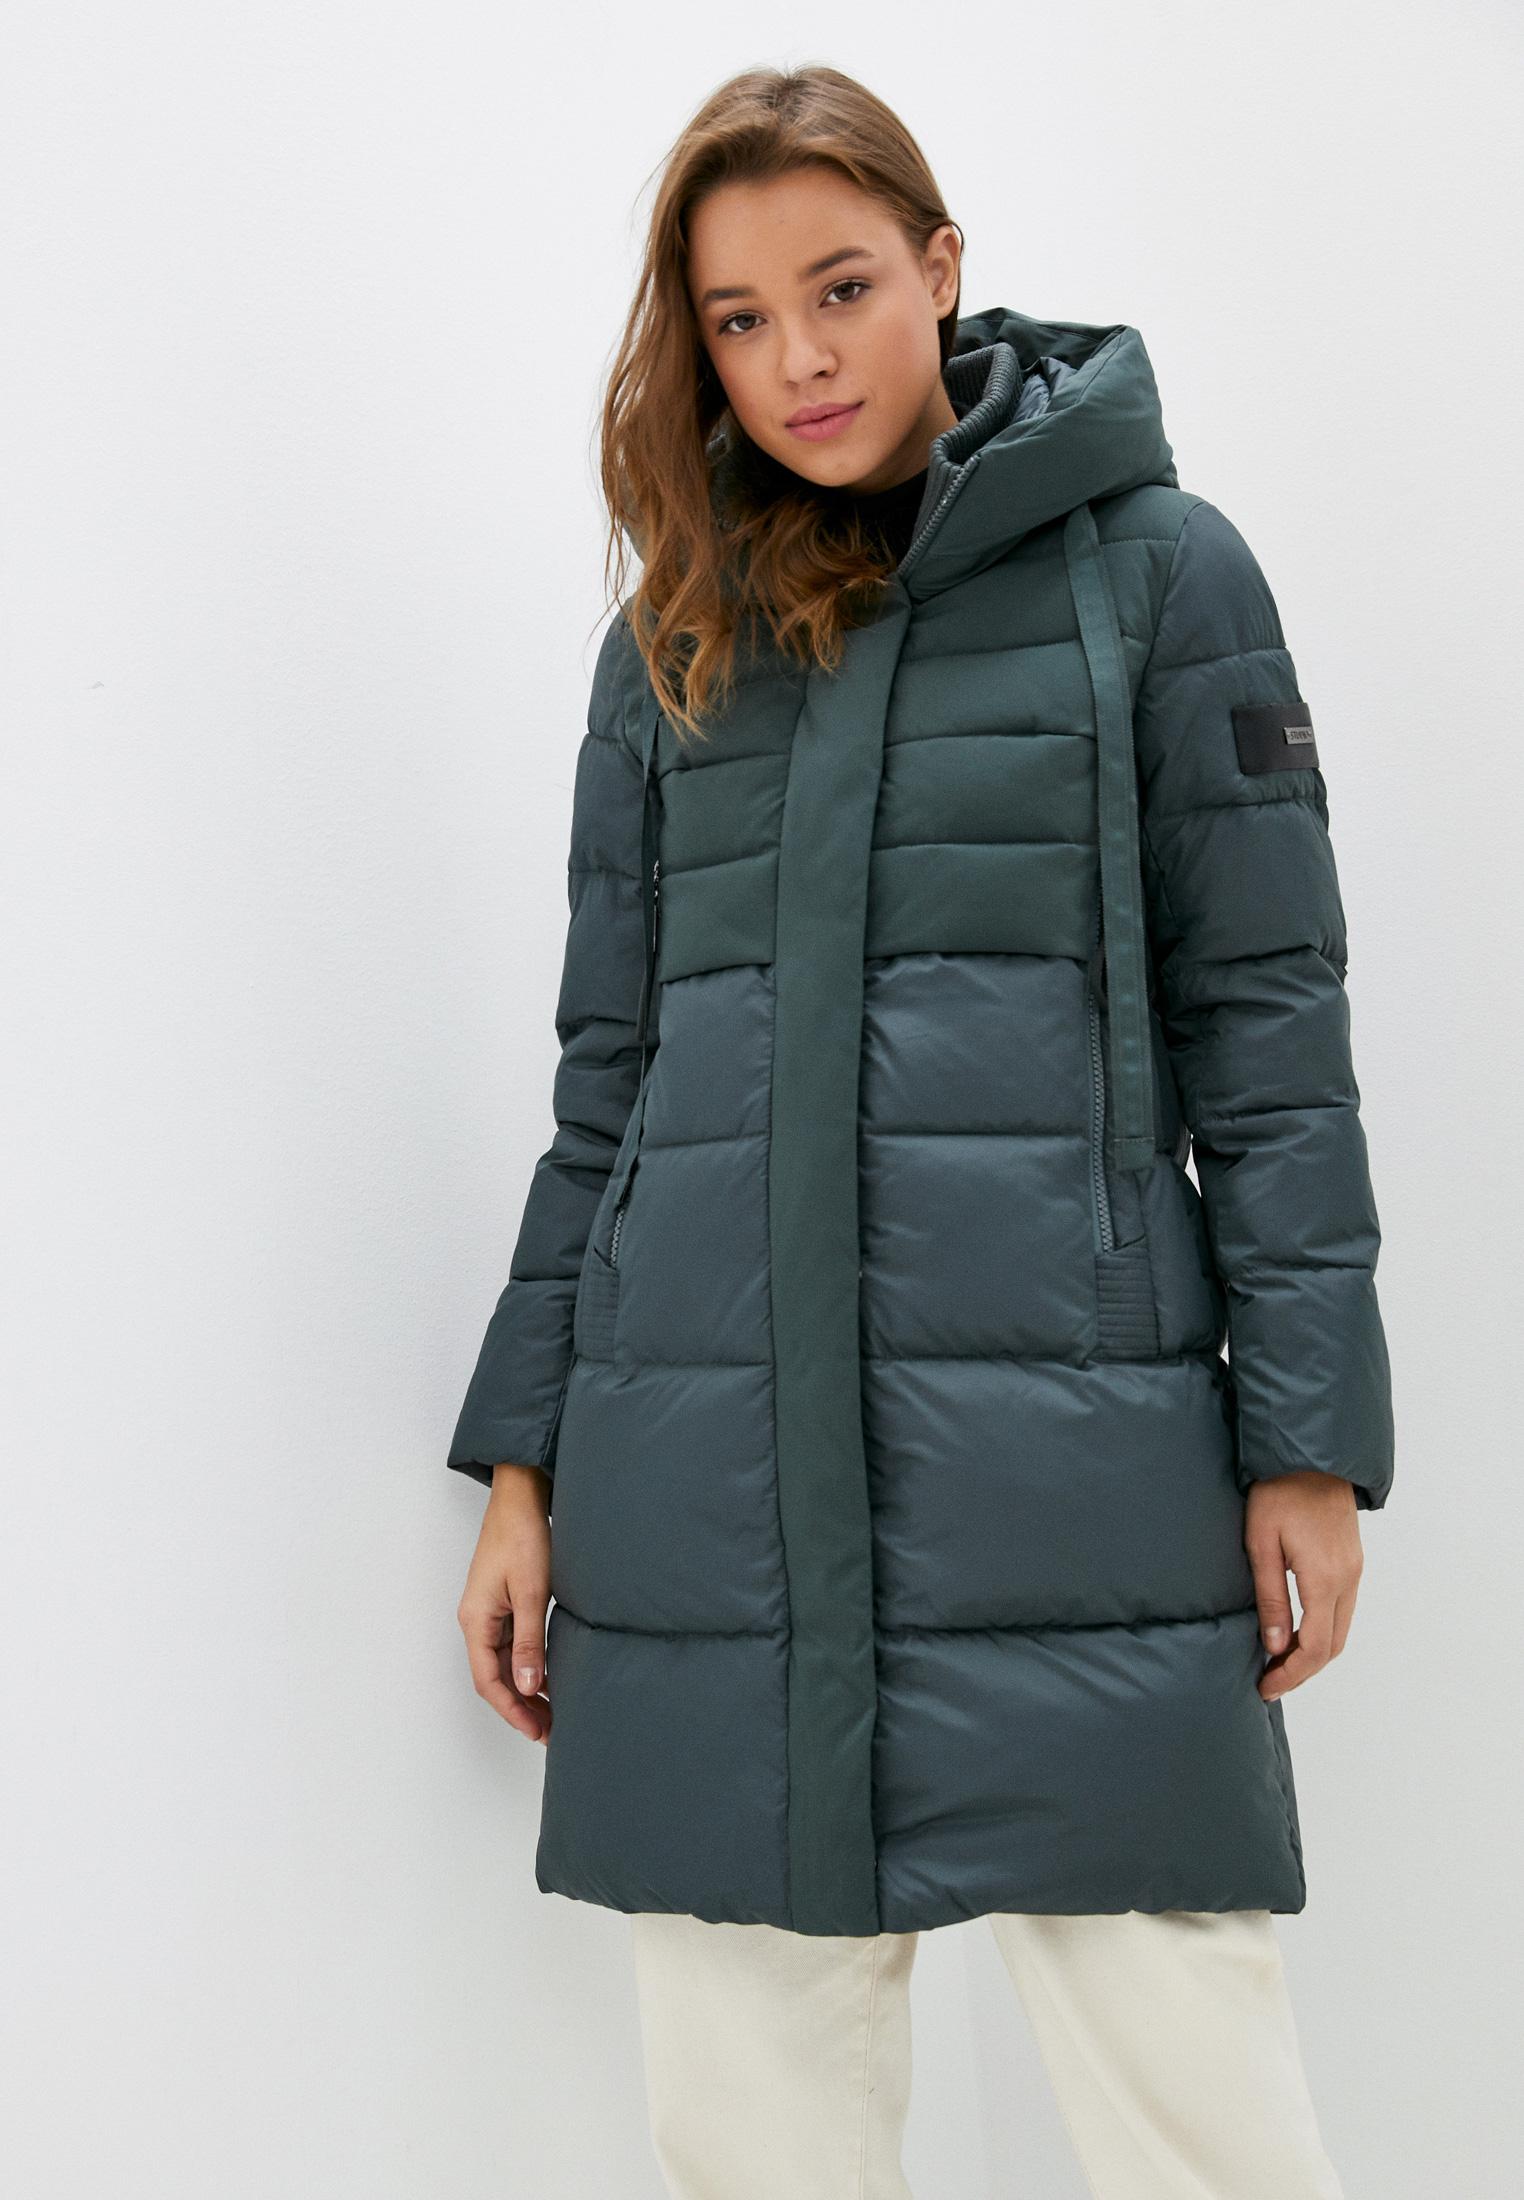 Куртка утепленная Снежная Королева купить за 12 153 ₽ в интернет-магазине Lamoda.ru